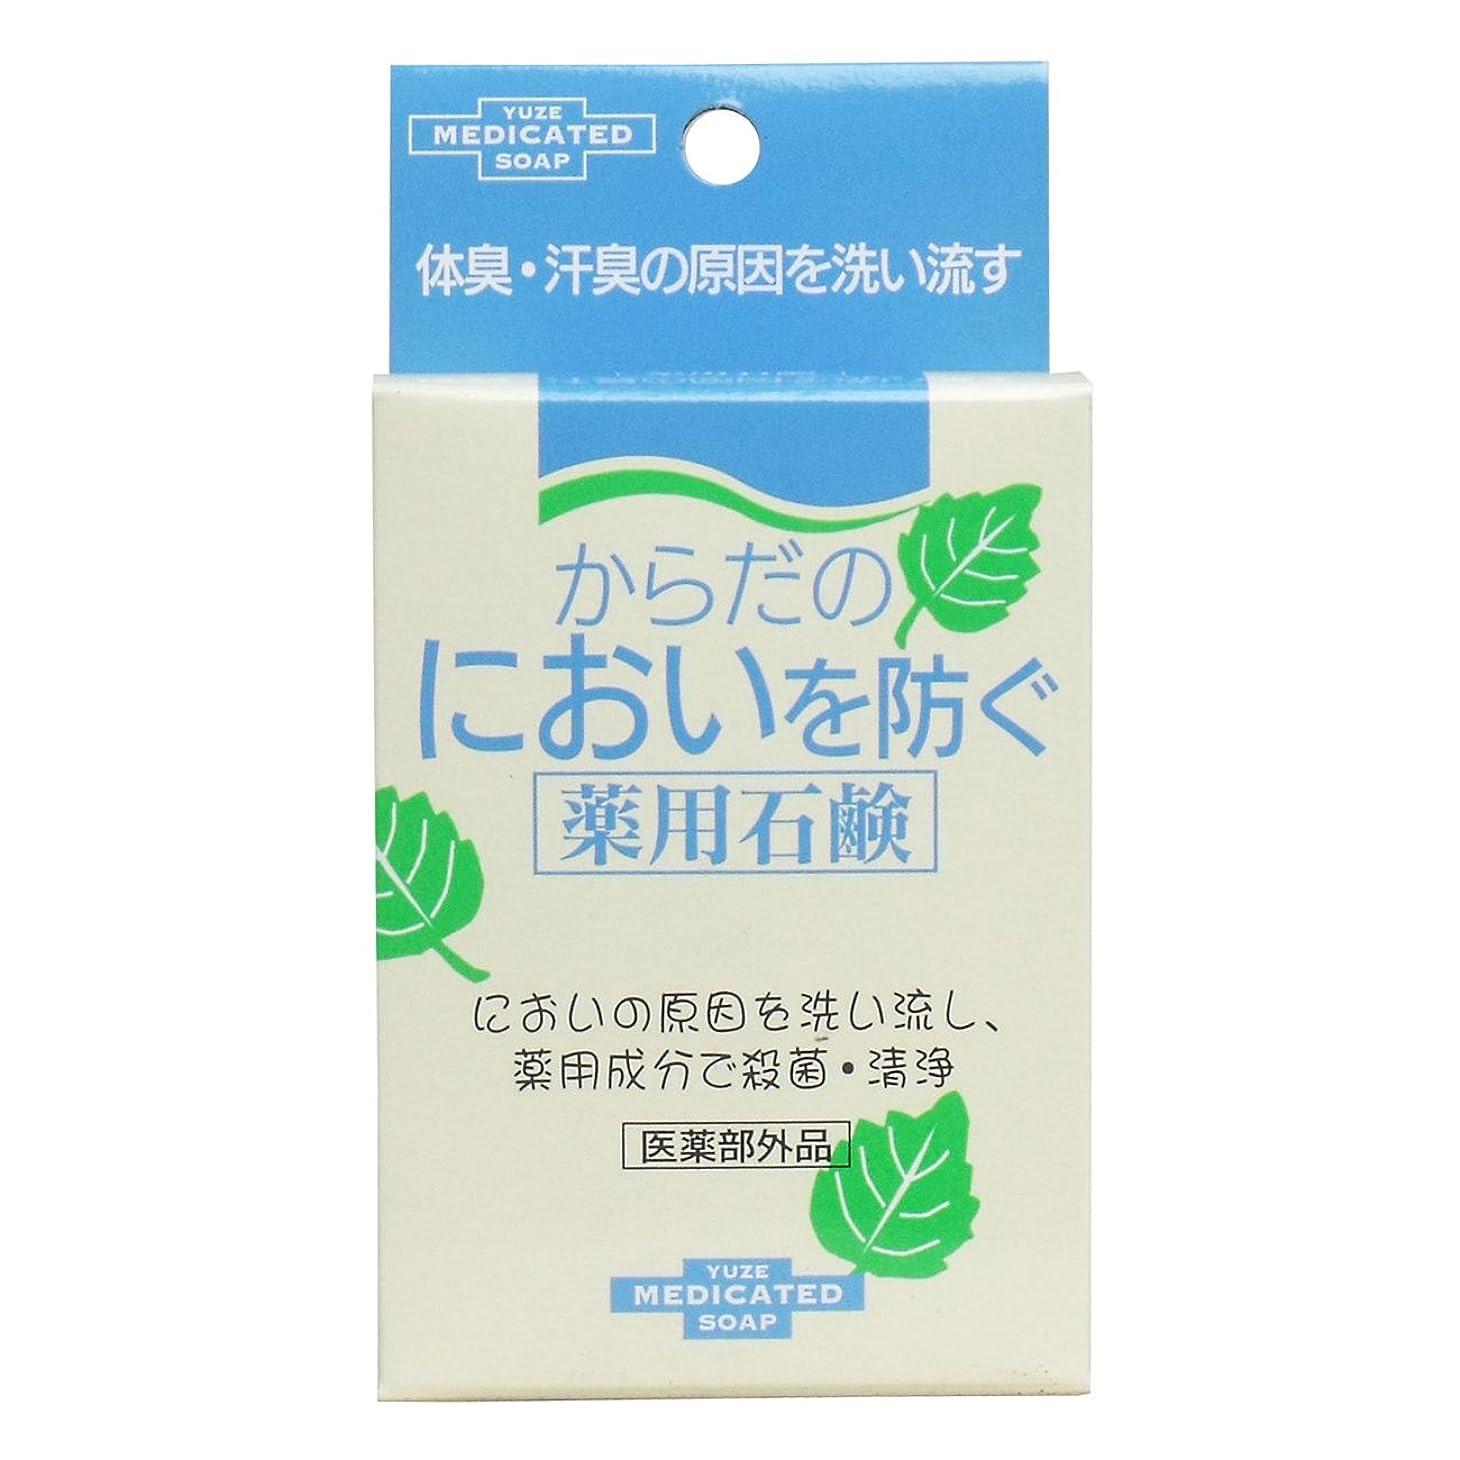 破裂ニコチン鉛からだのにおいを防ぐ薬用石鹸 110g ユゼ